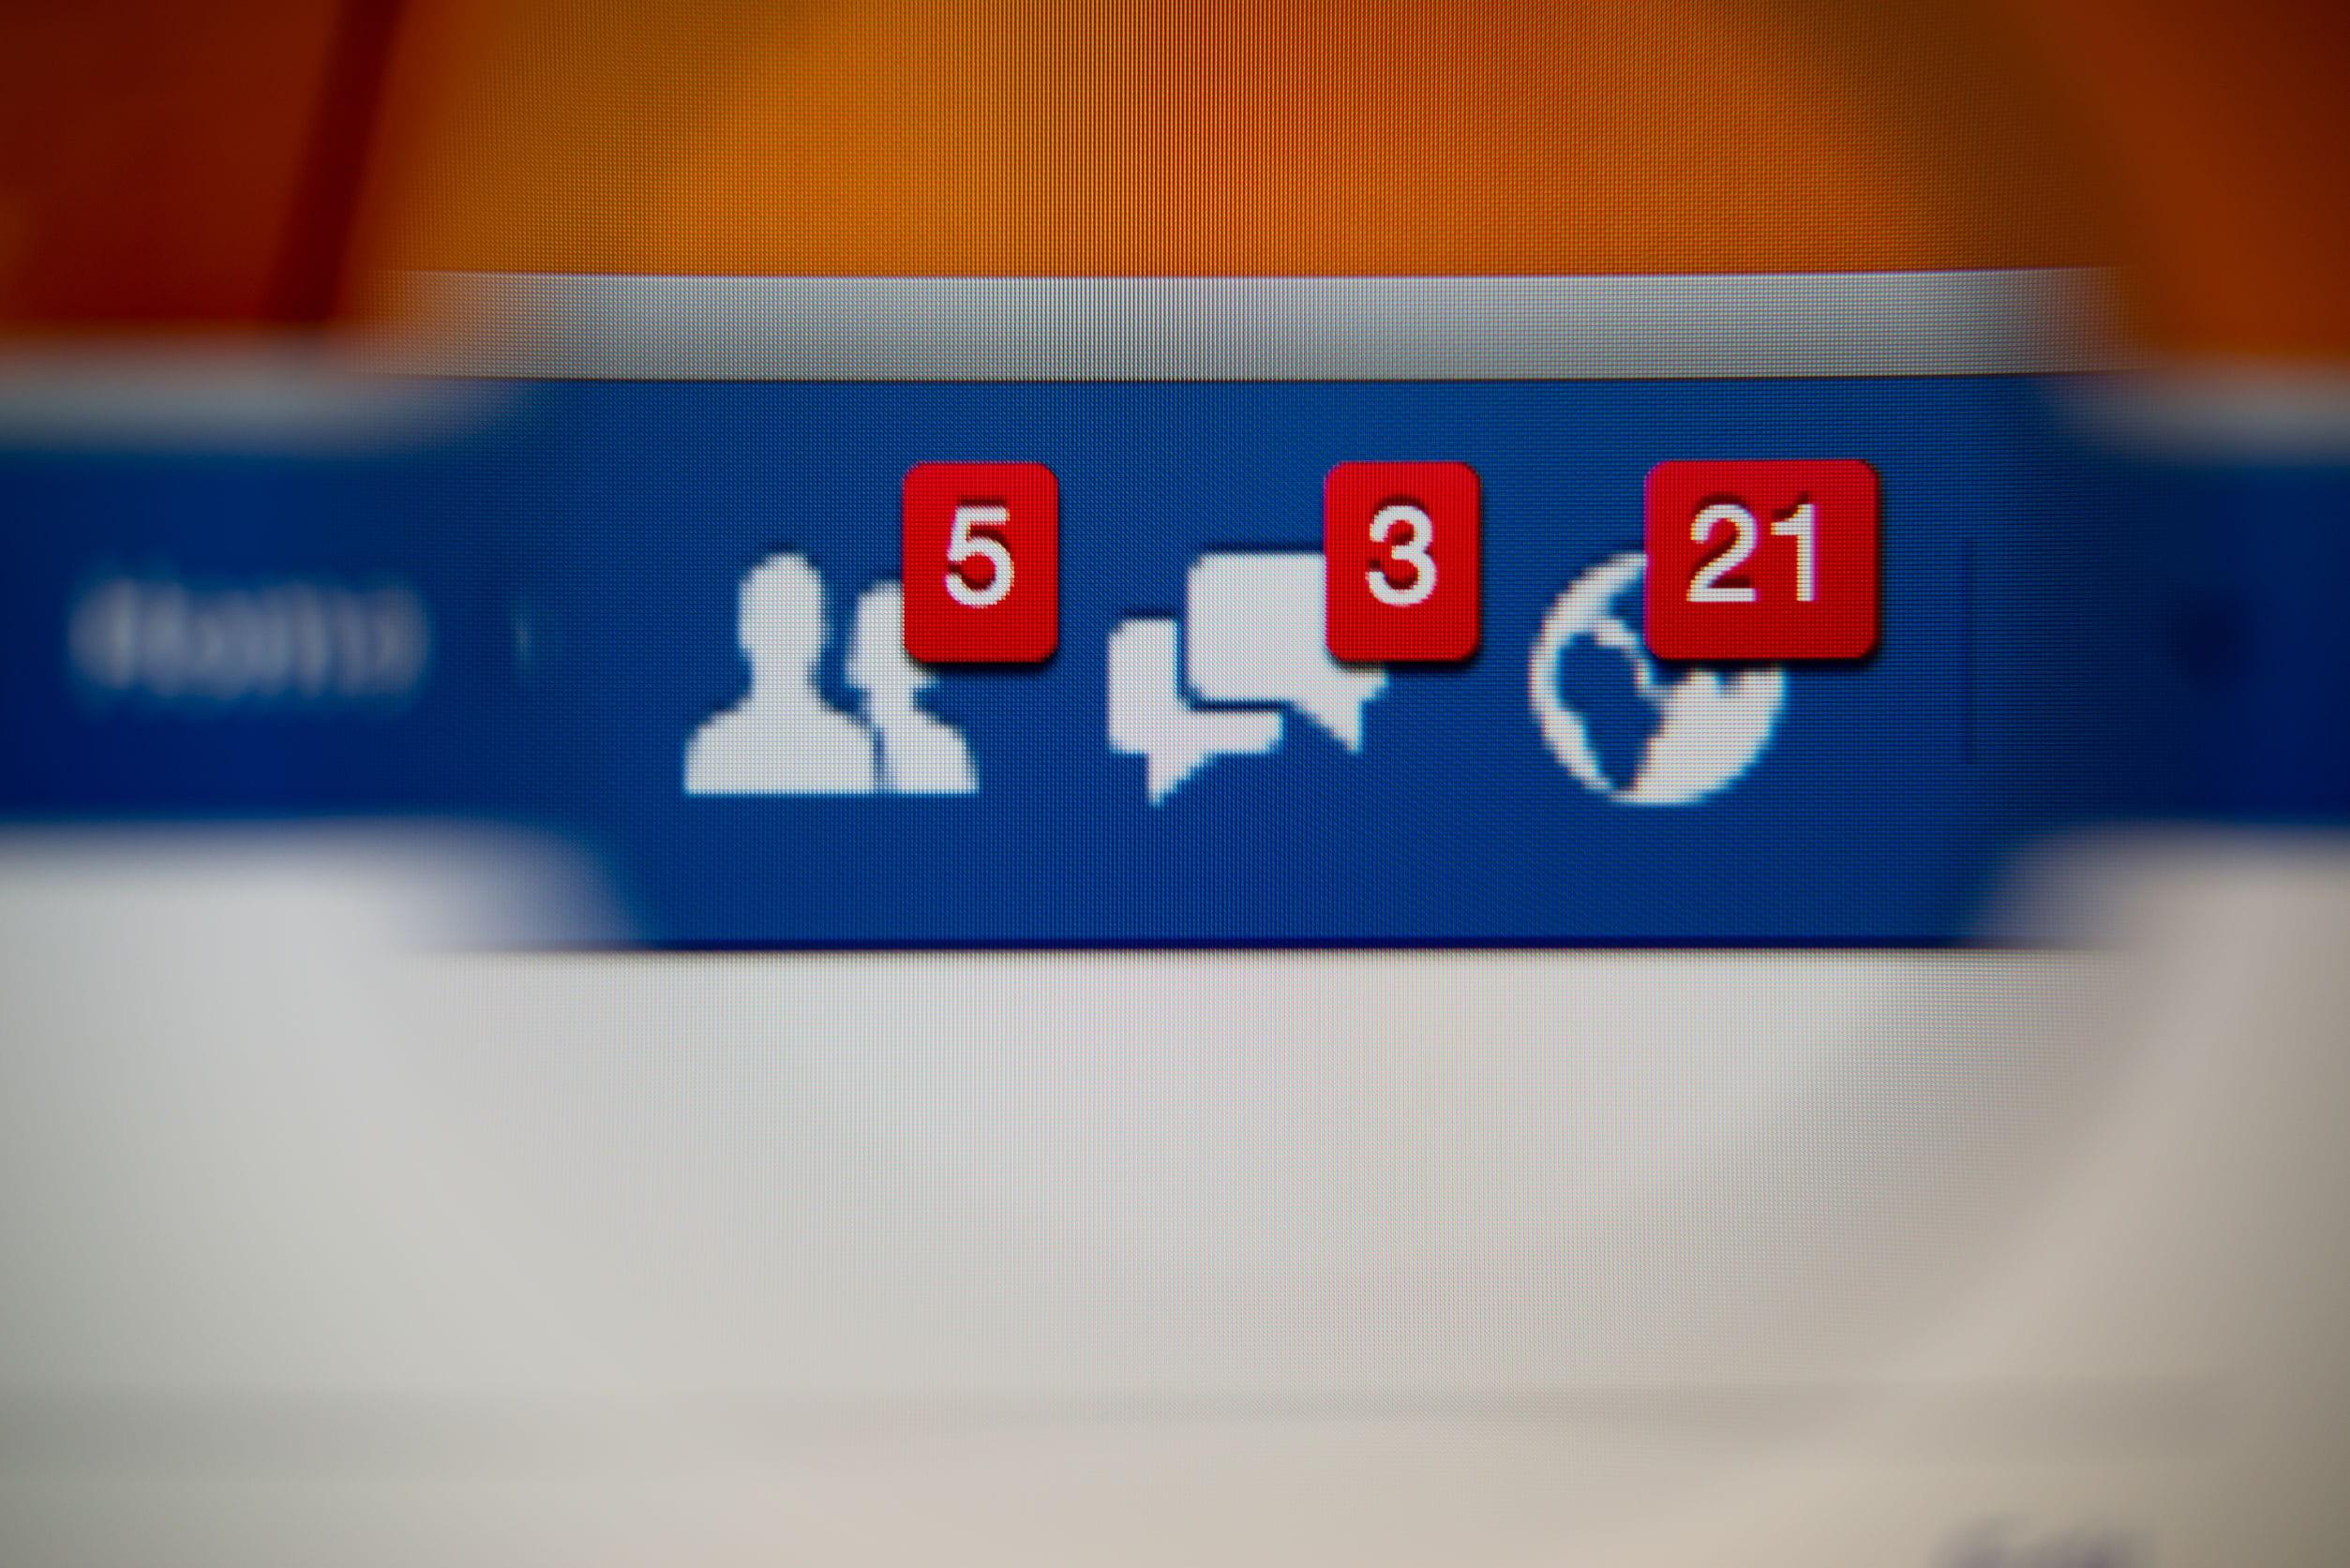 Démanteler Facebook, la polémique prend de l'ampleur